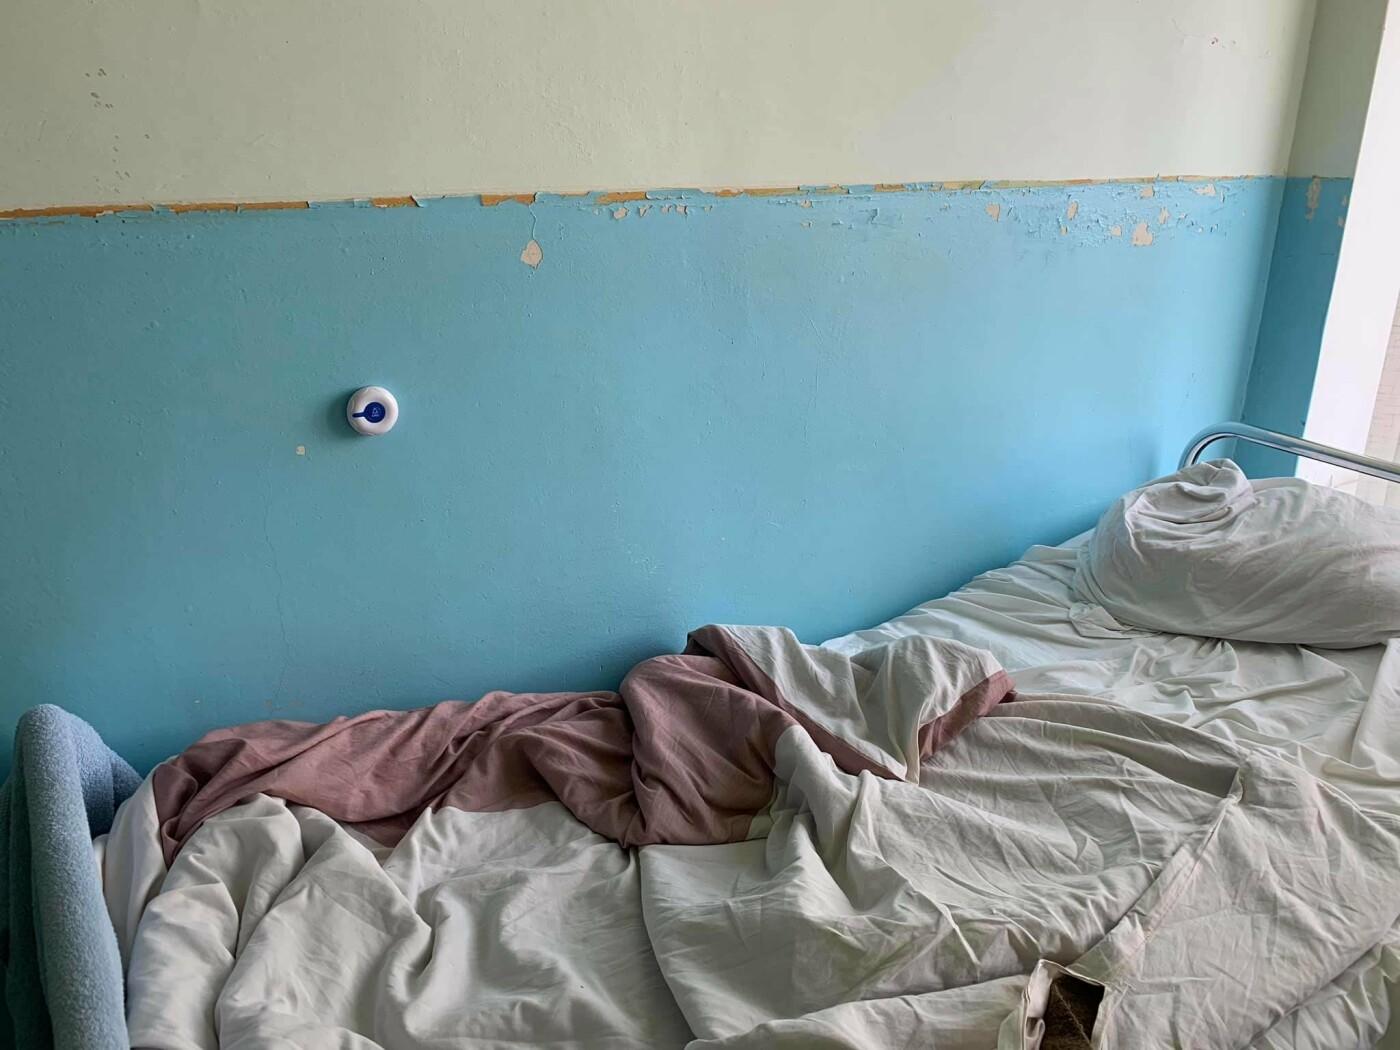 Грибок і розруха: мережу шокували світлини пологового відділення у Мукачеві (ФОТО), фото-1